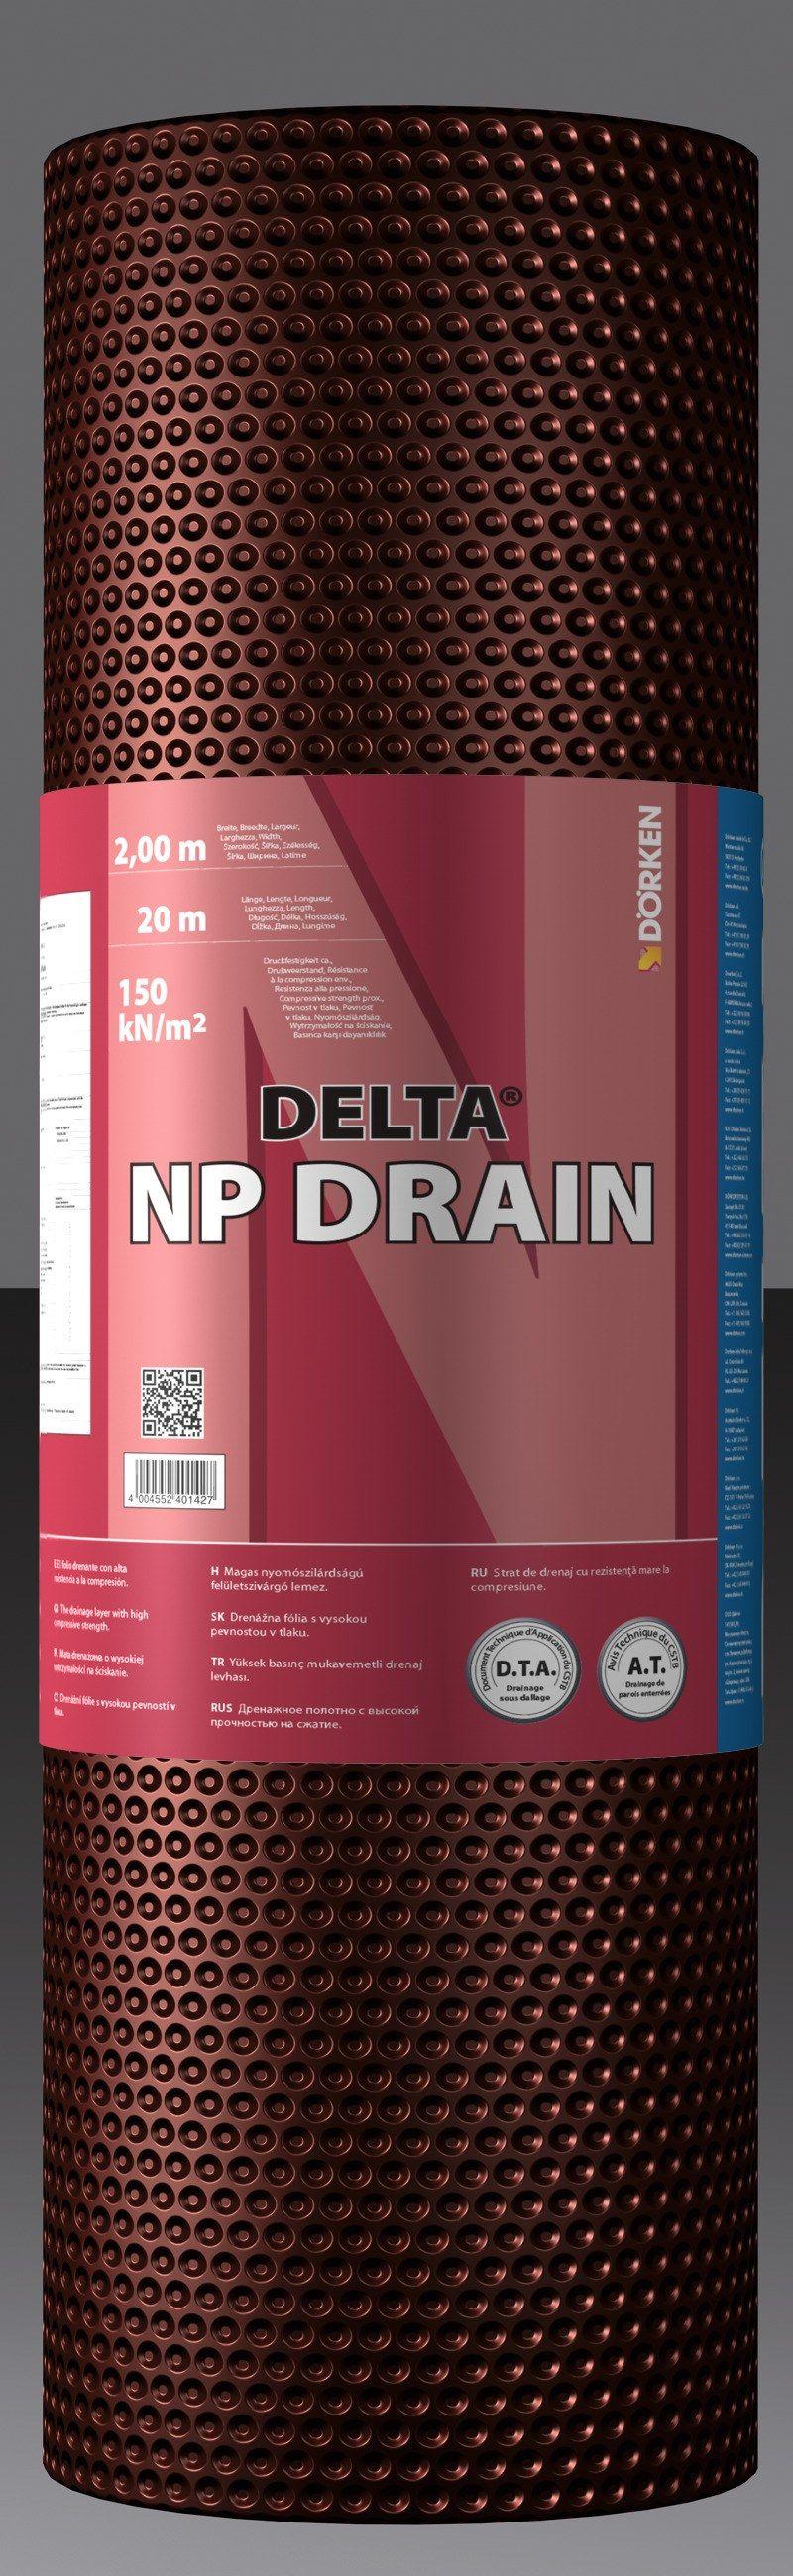 DELTA® - NP DRAIN